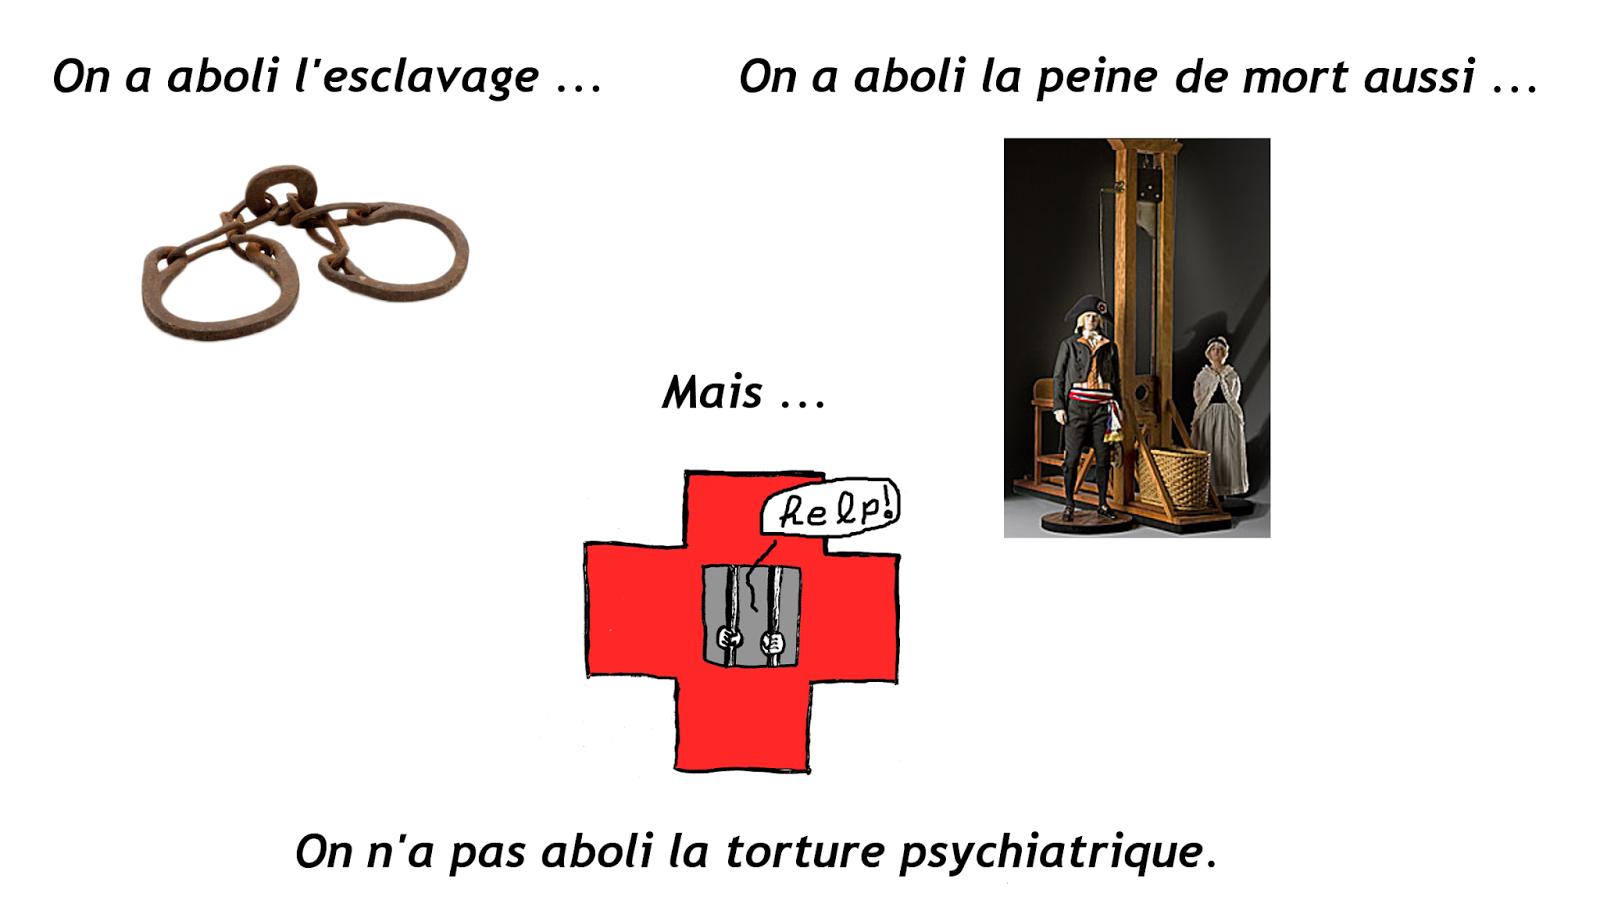 https://www.change.org/p/madame-le-ministre-des-affaires-sociales-de-la-sant%C3%A9-et-des-droits-des-femmes-engagez-des-r%C3%A9formes-afin-de-1-limiter-l-arbitraire-psychiatrique-2-limiter-les-prescriptions-abusives-3-arr%C3%AAter-les-abus-institutionnels-et-la-torture-psychiatrique-4-offr